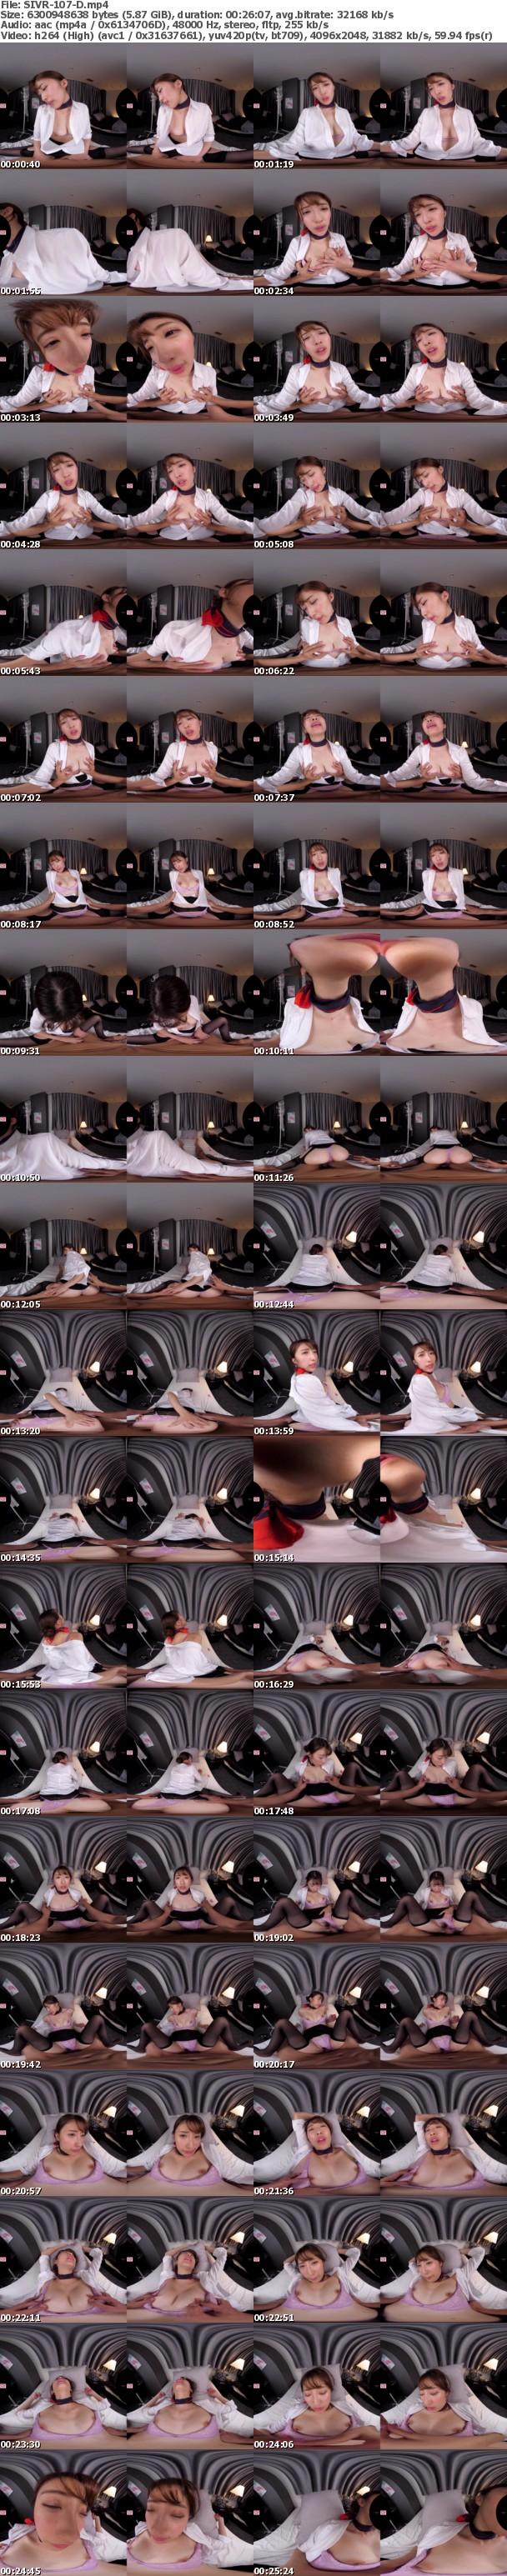 (VR) SIVR-107 美脚キャビンアテンダントに【パンスト尻コキ】【ハイヒールでチ●ポ踏みつけ】【アナル丸見せくぱぁSEX】下品に痴女られる出張相部屋VR 星宮一花